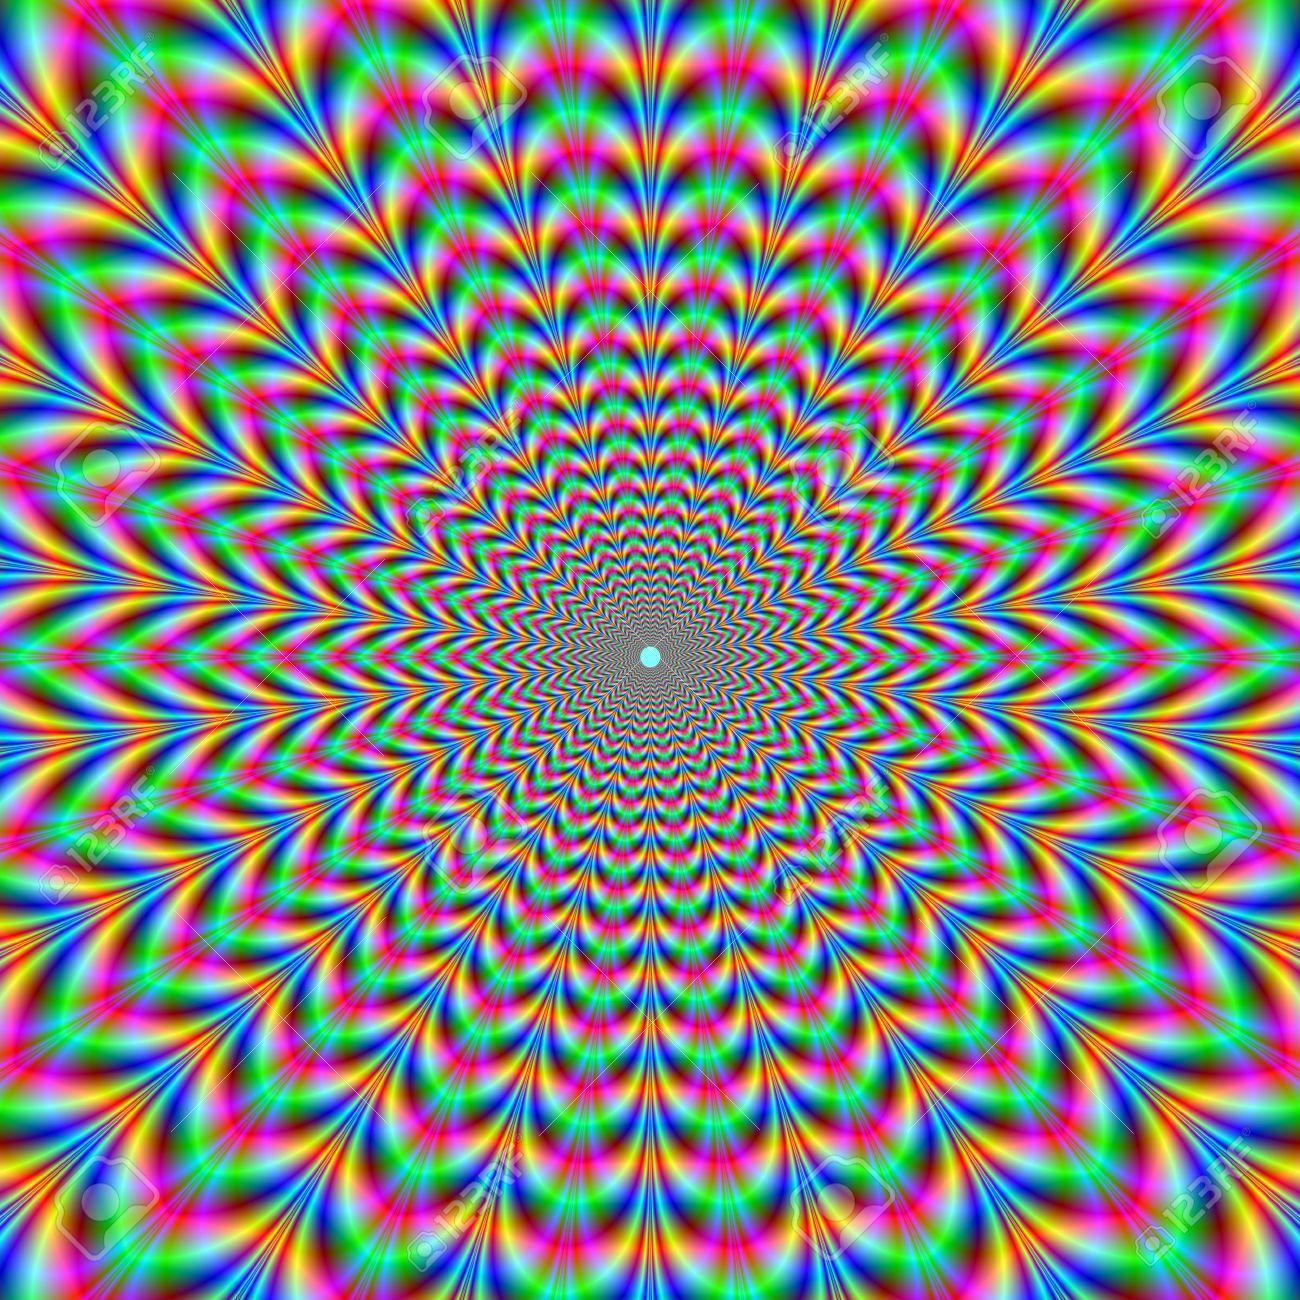 21853958-imagen-fractal-abstracta-digita